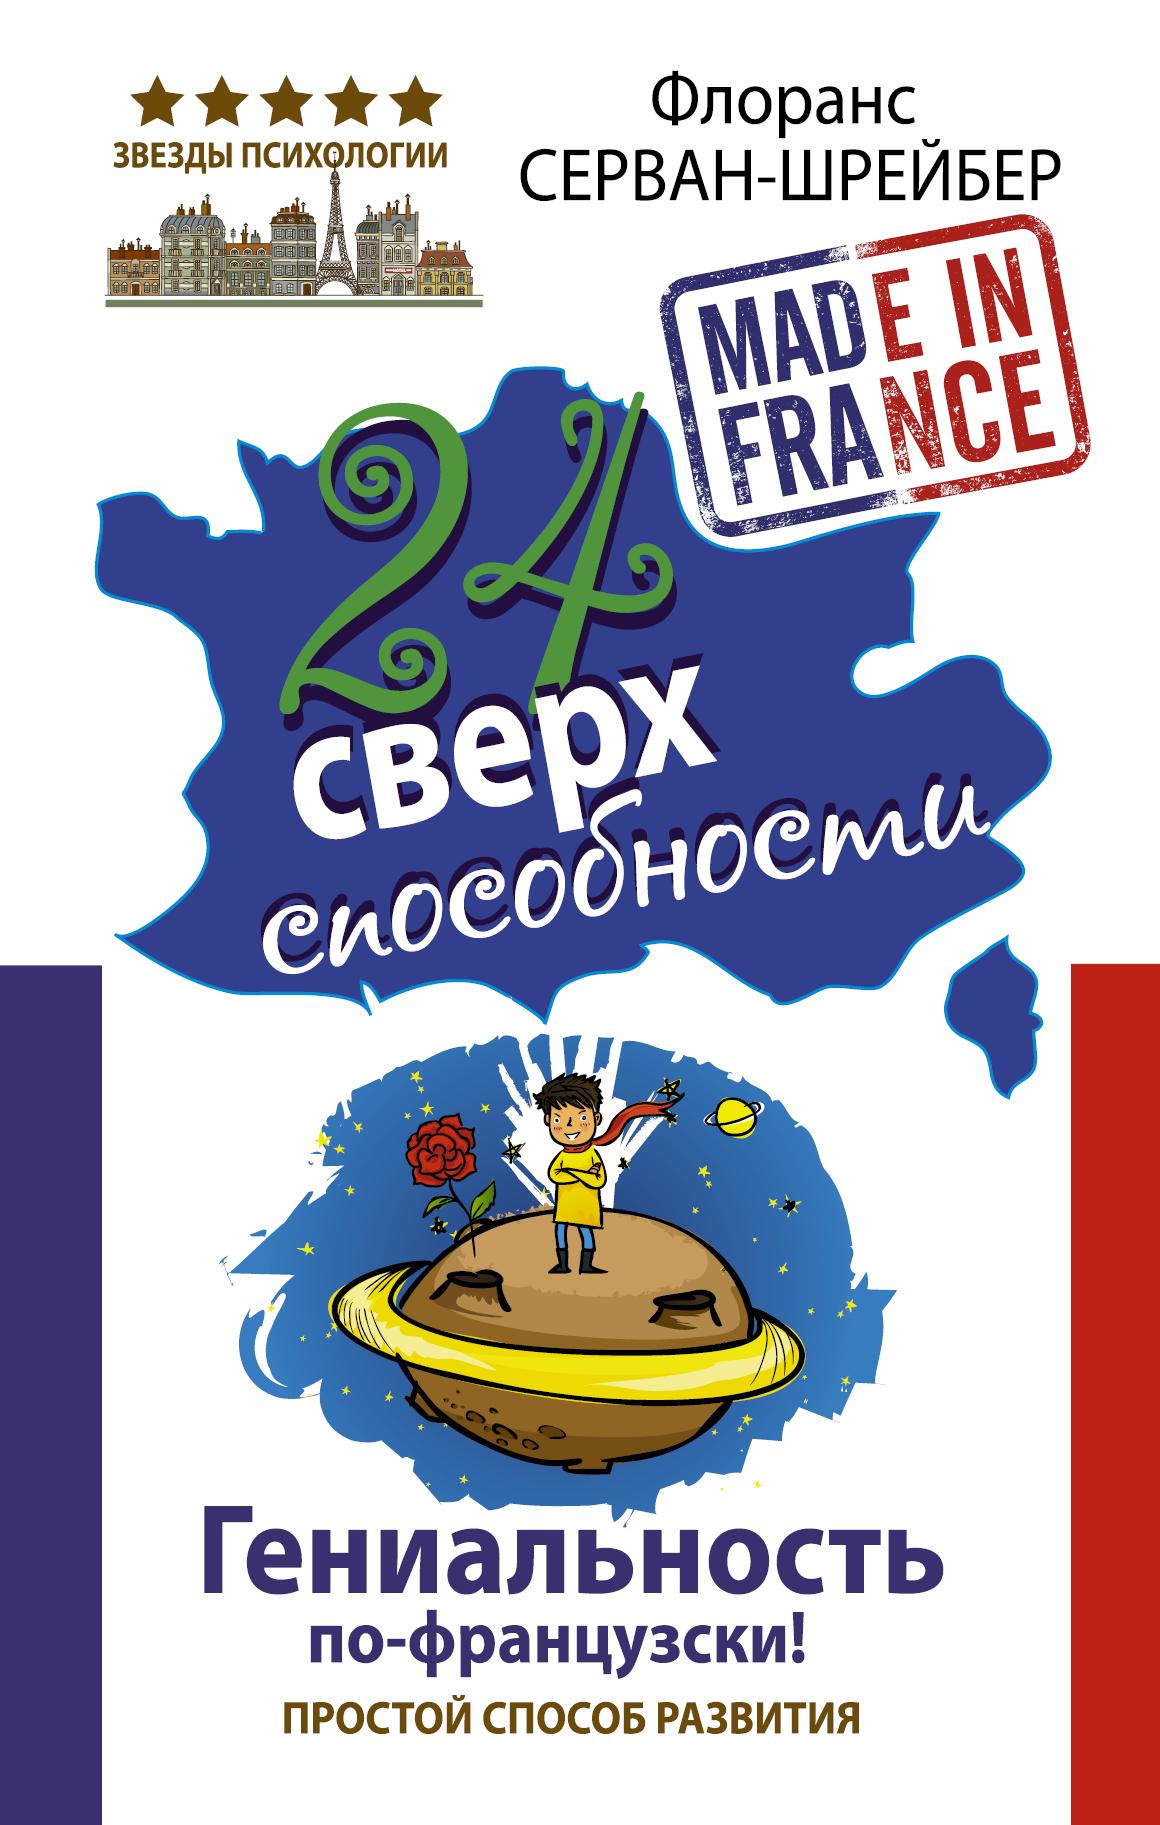 24 сверхспособности. Гениальность по- франзузски !